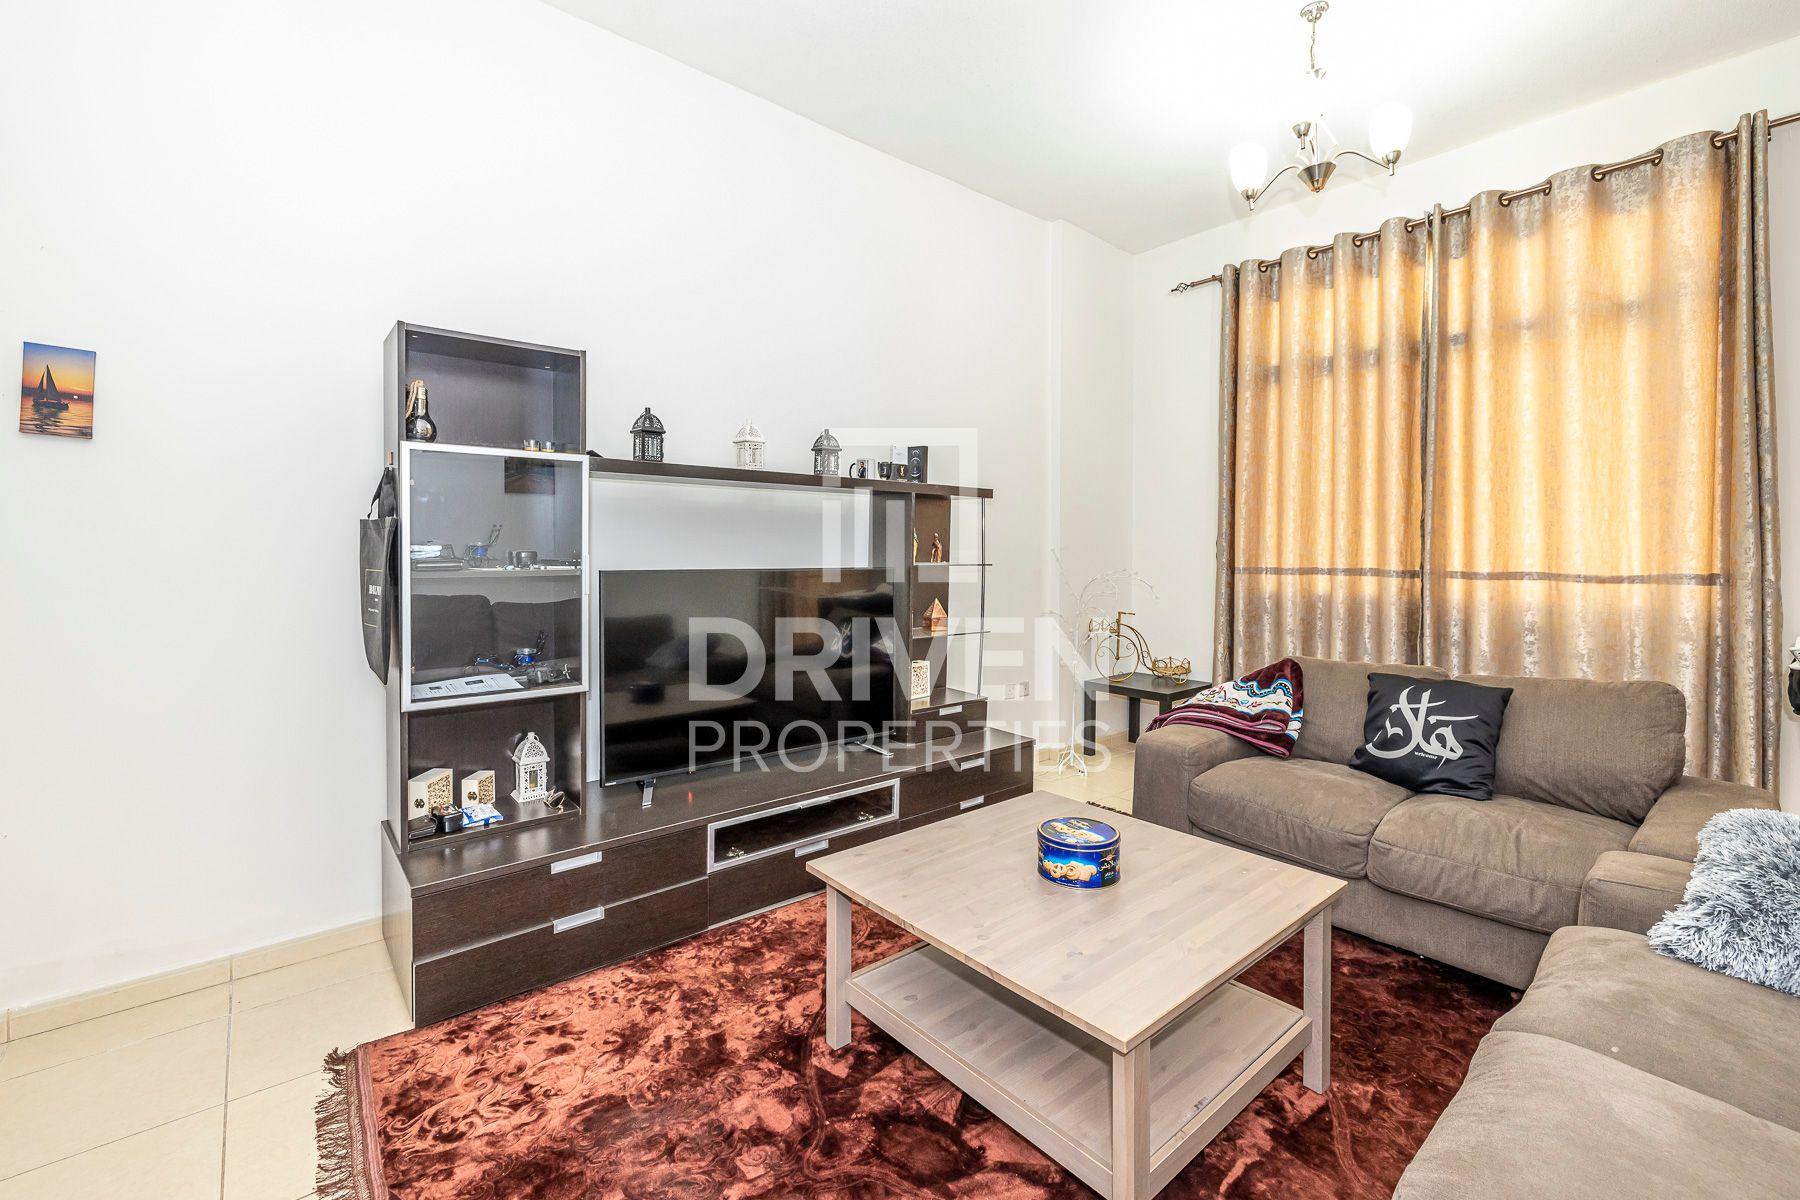 766 قدم مربع  شقة - للبيع - دبي لاند